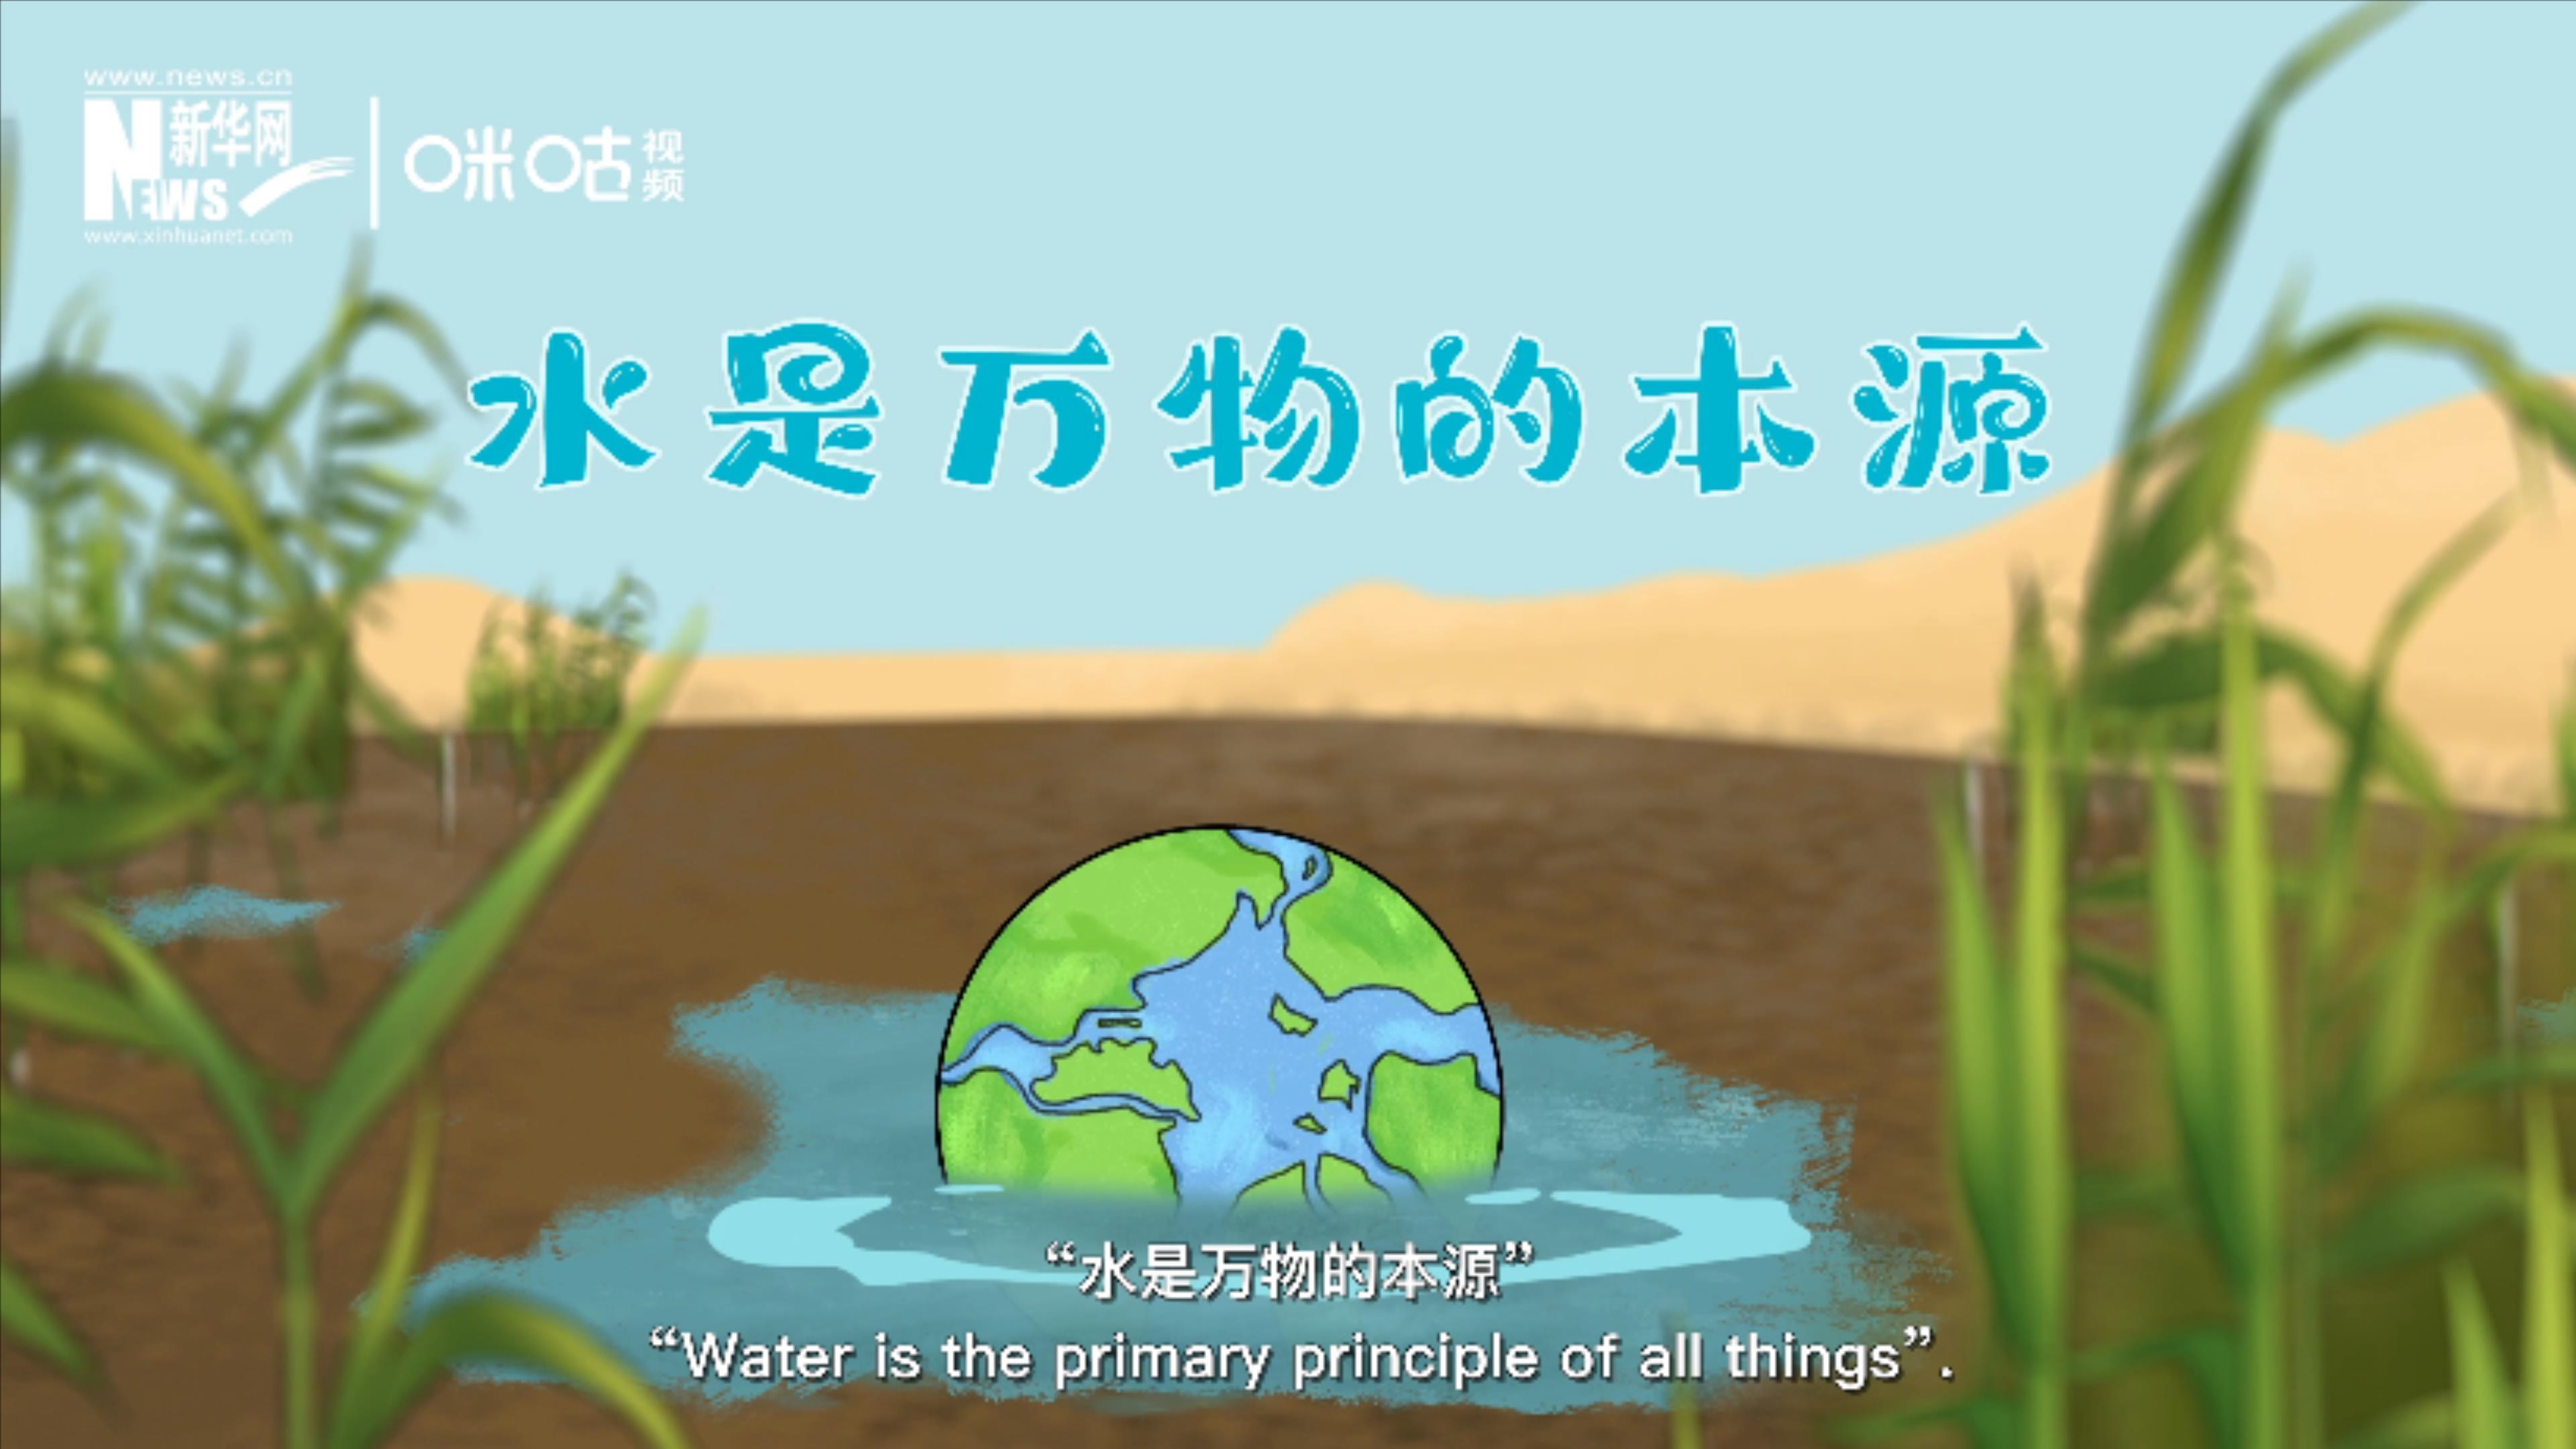 """西方哲學之父泰勒斯認為""""水是萬物的本源"""""""